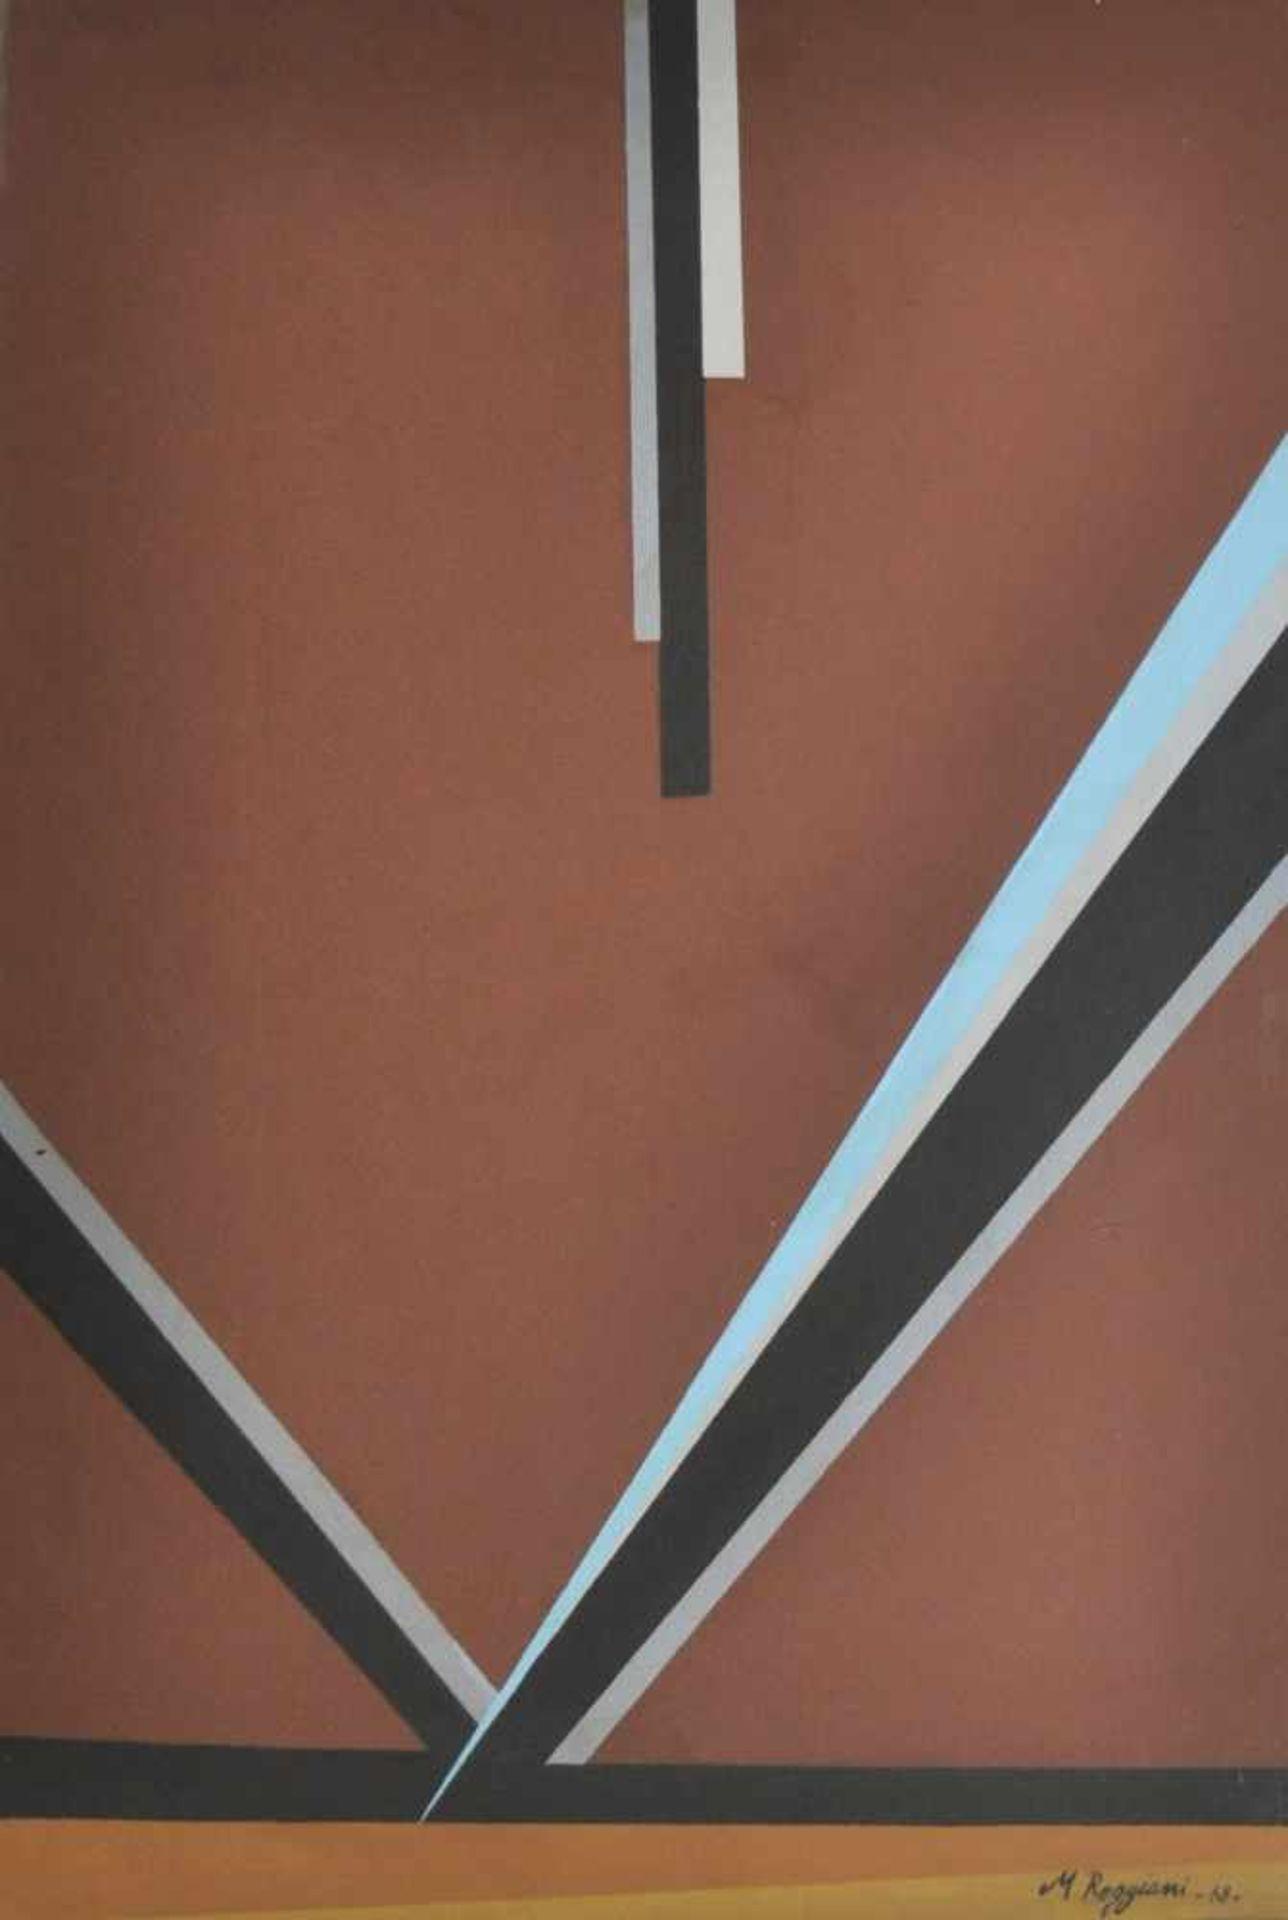 Mauro Reggiani (Nonantola 1897 – Mailand/Milano 1980)Composizione n. 22, 1968;Acryl auf Leinwand, 70